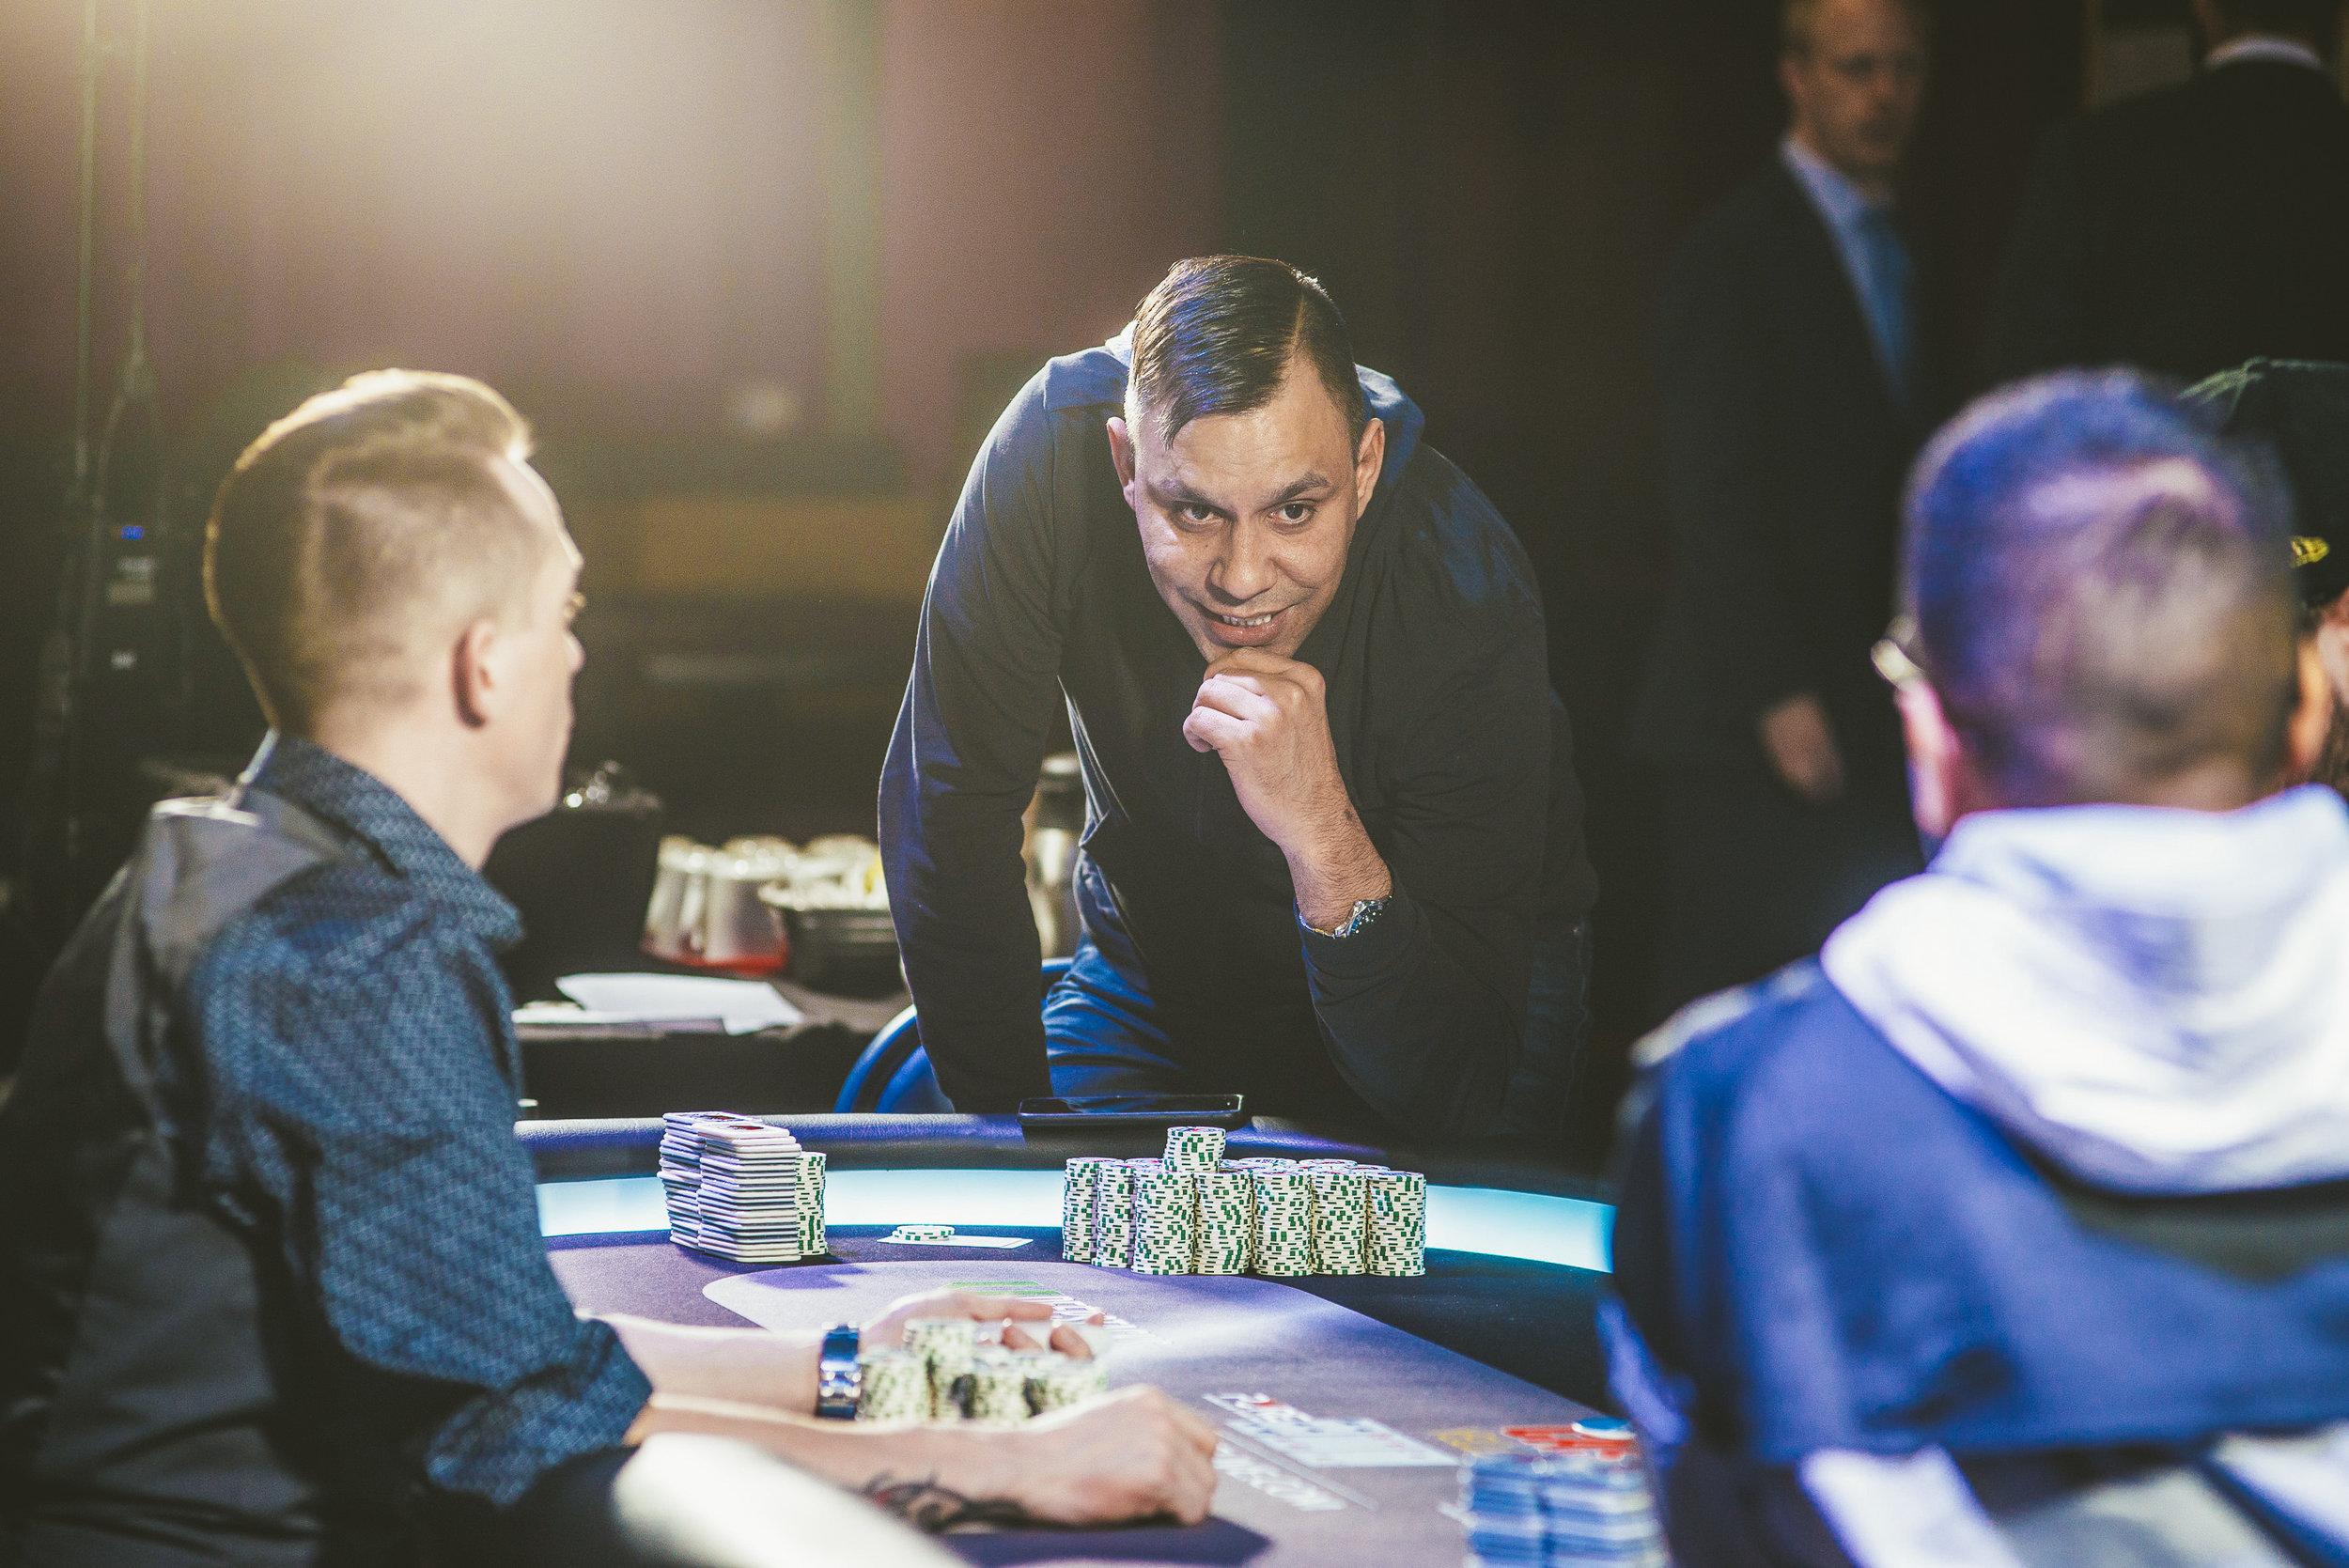 DeepStacks Poker Tour_Paul Brar_Amato_AA42979.jpg